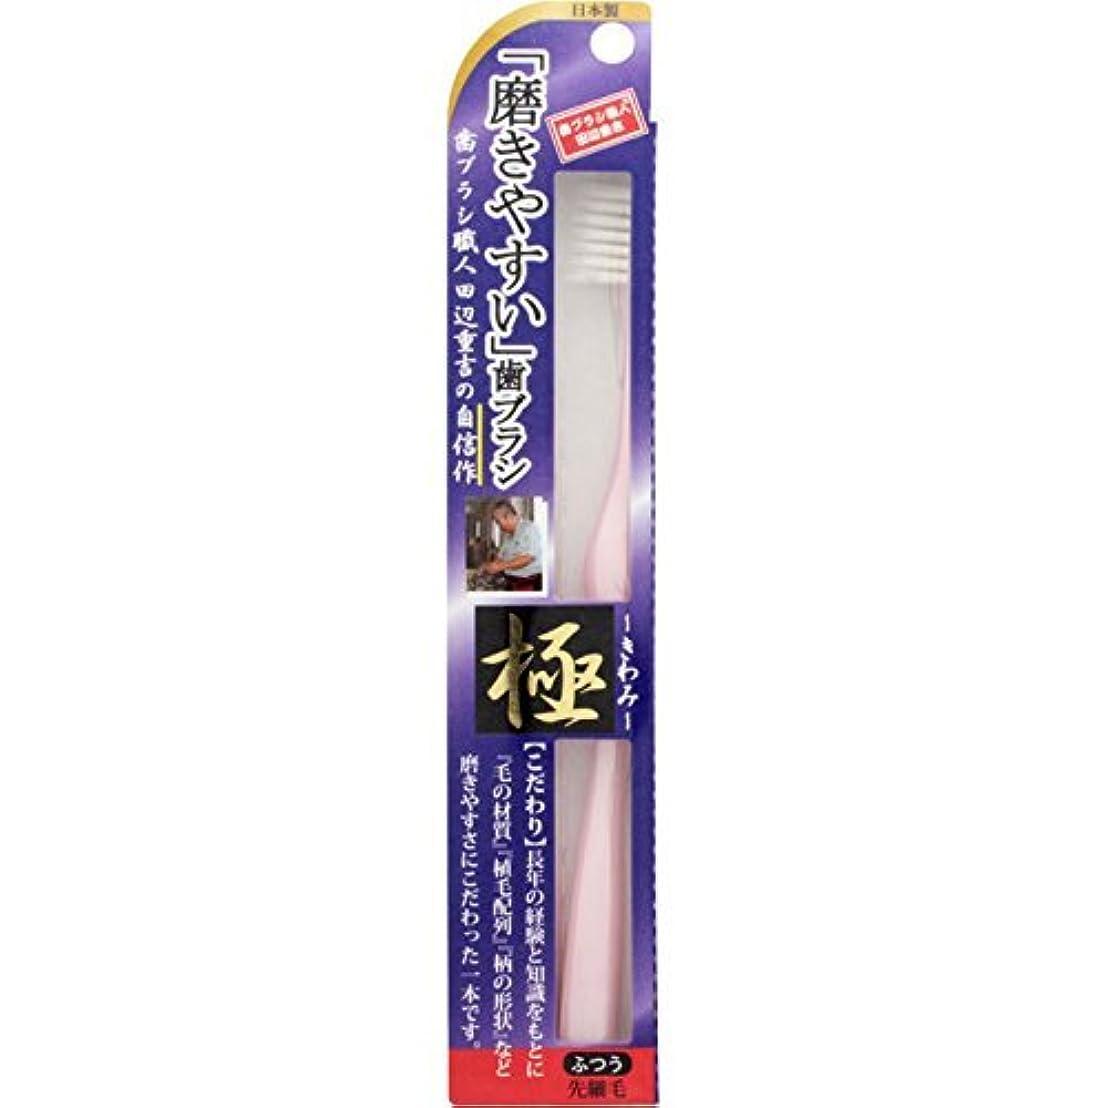 ホースドット雪だるまを作る【まとめ買い】磨きやすい歯ブラシ 極 LT-22 ×24個